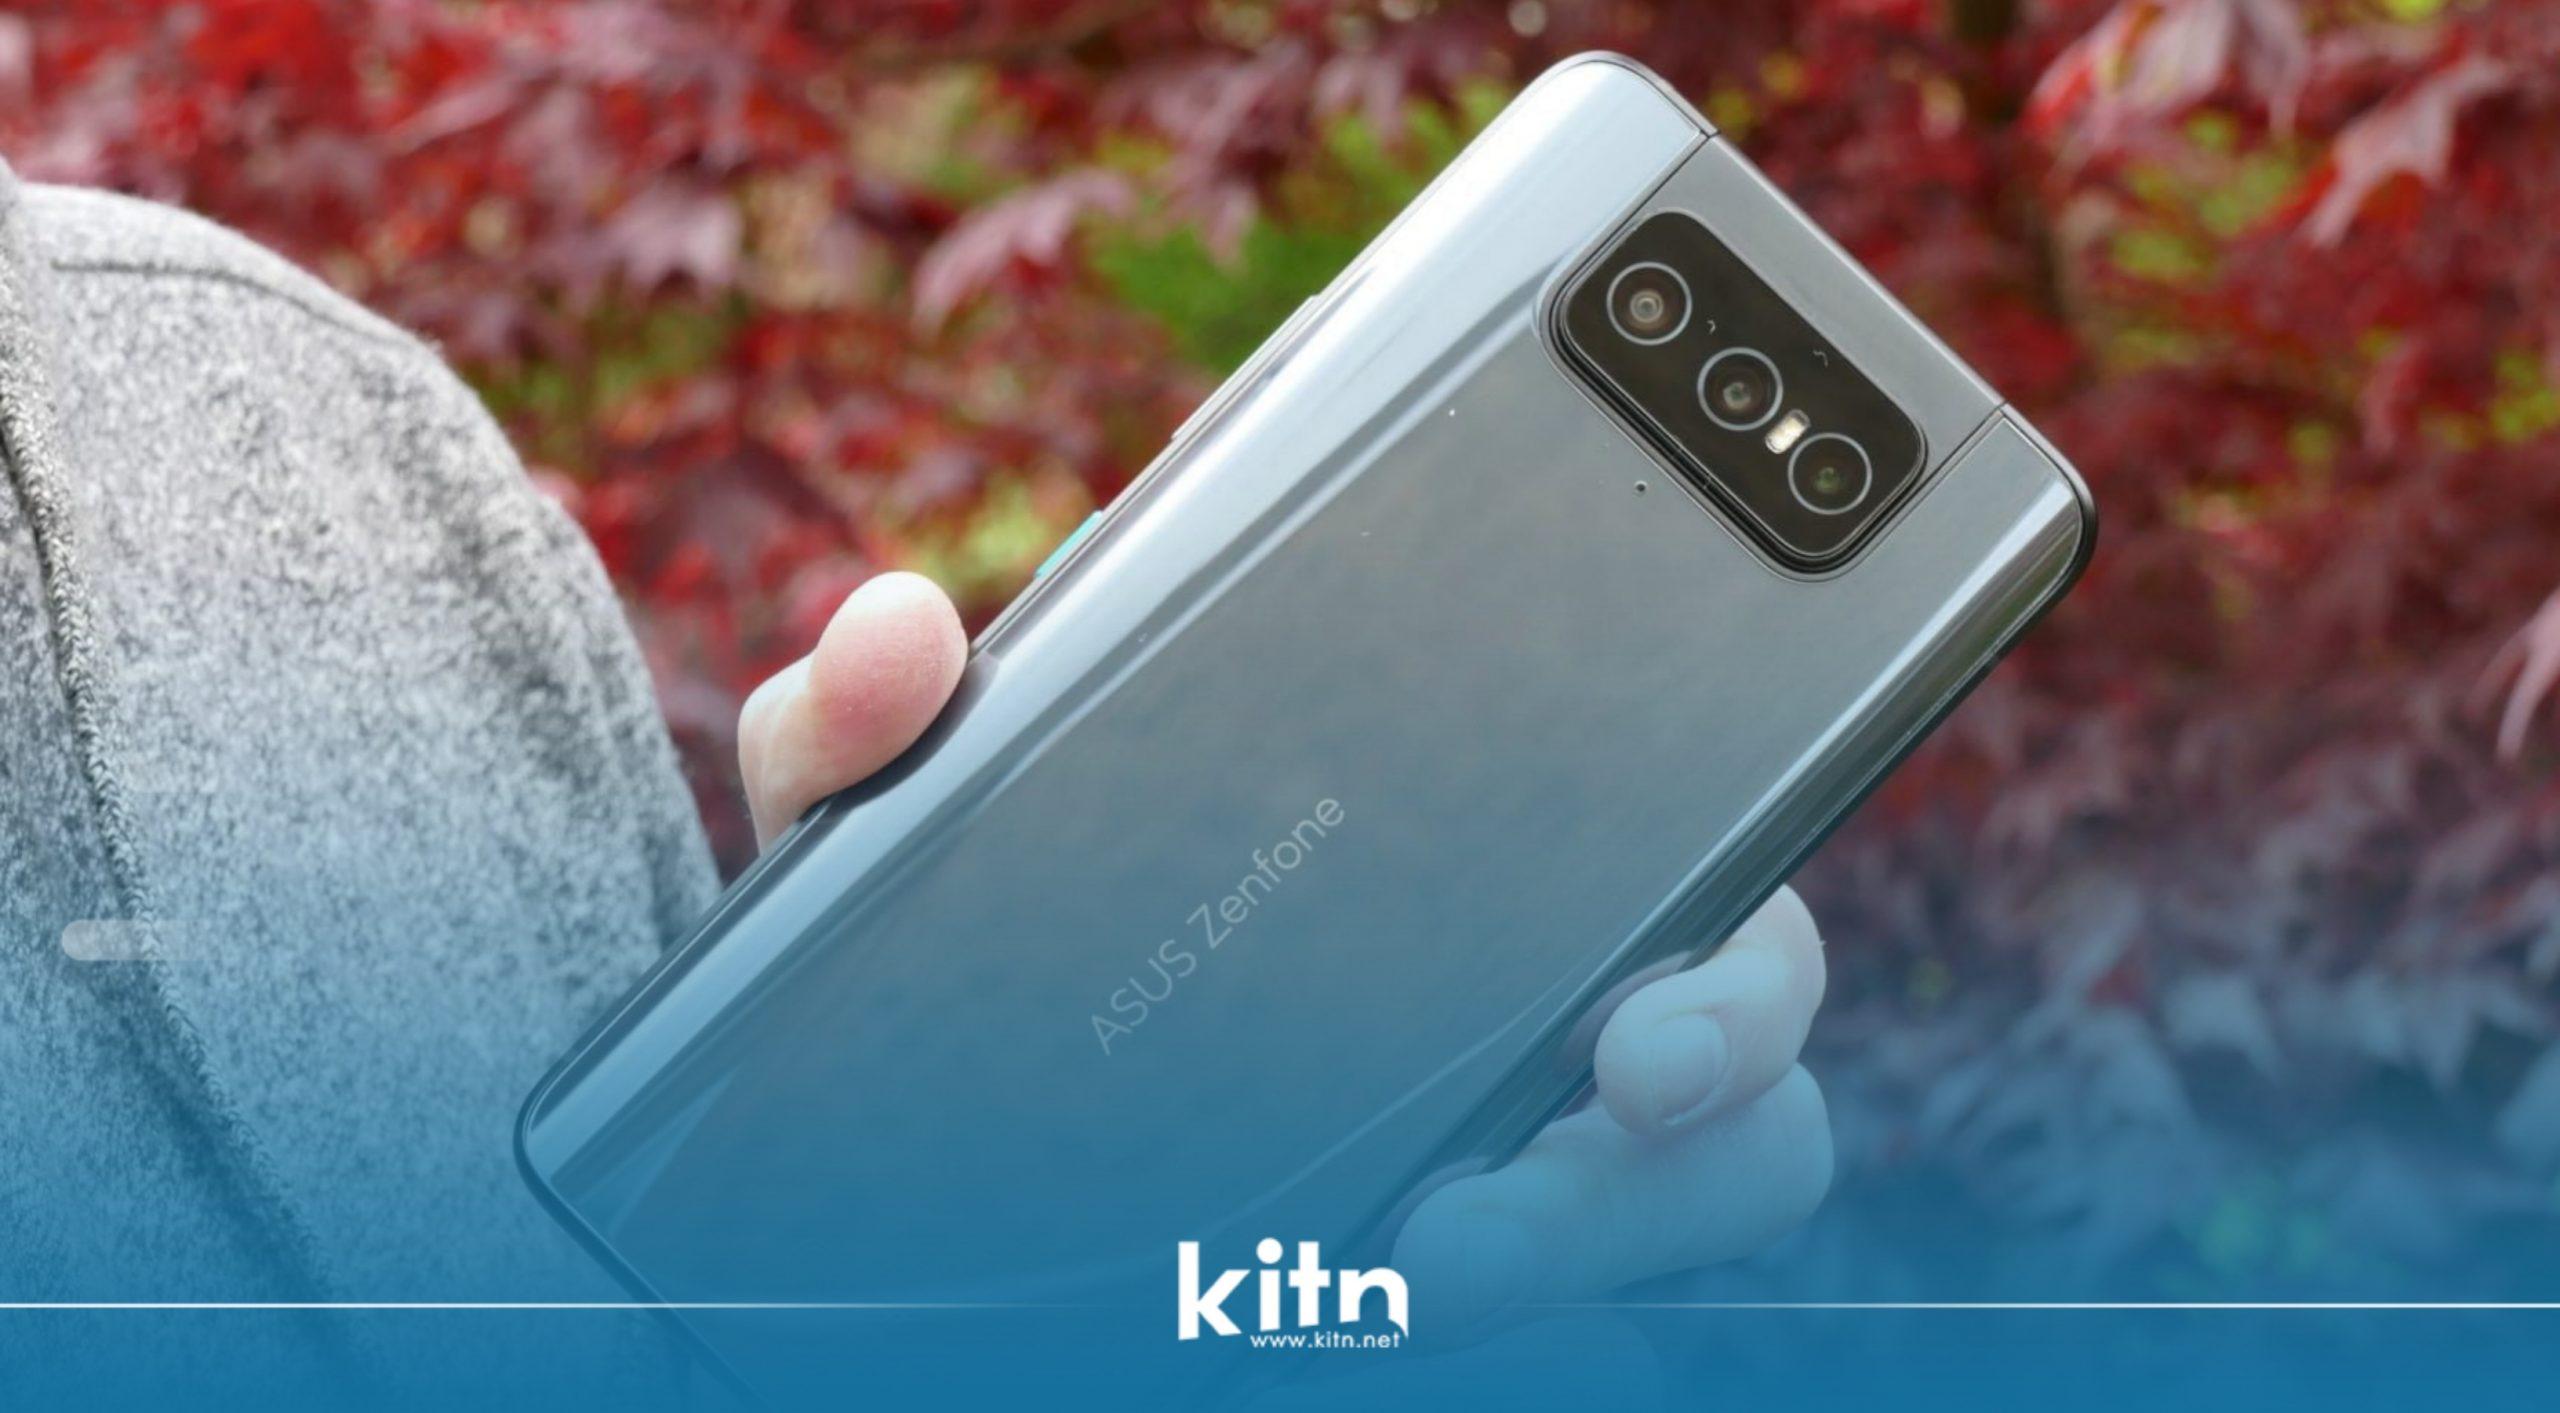 بە فەرمی هەردوو مۆبایلی Asus Zenfone 8 و Asus Zenfone 8 Flip بە چیپسێتی سناپدراگۆن 888 نمایش کران